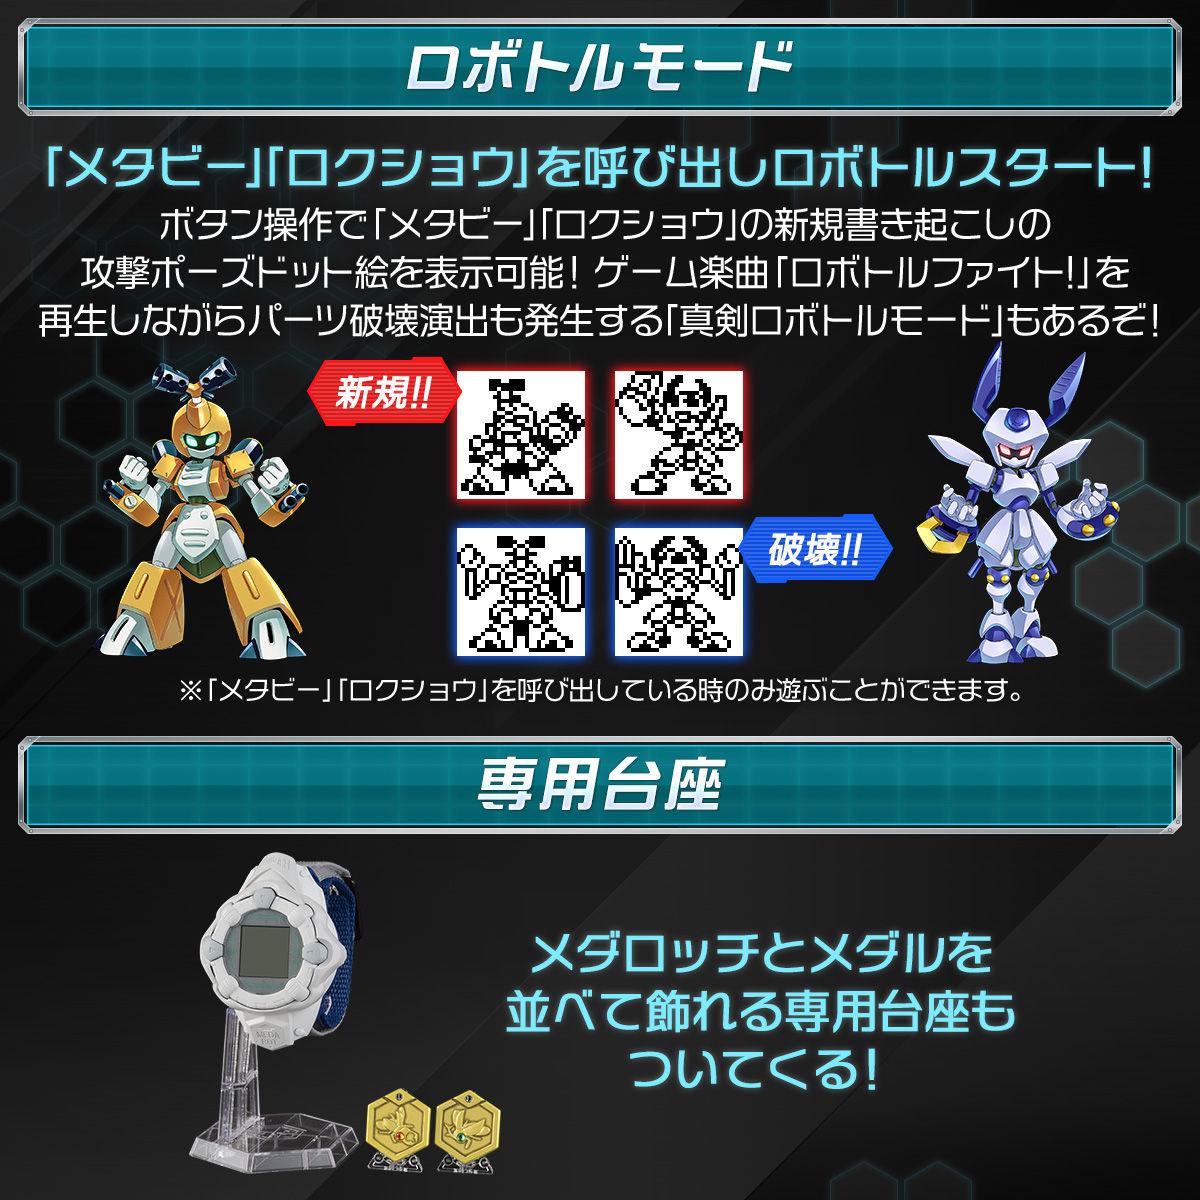 【限定販売】メダロット『メダロッチREVIVALver.』変身なりきり-006